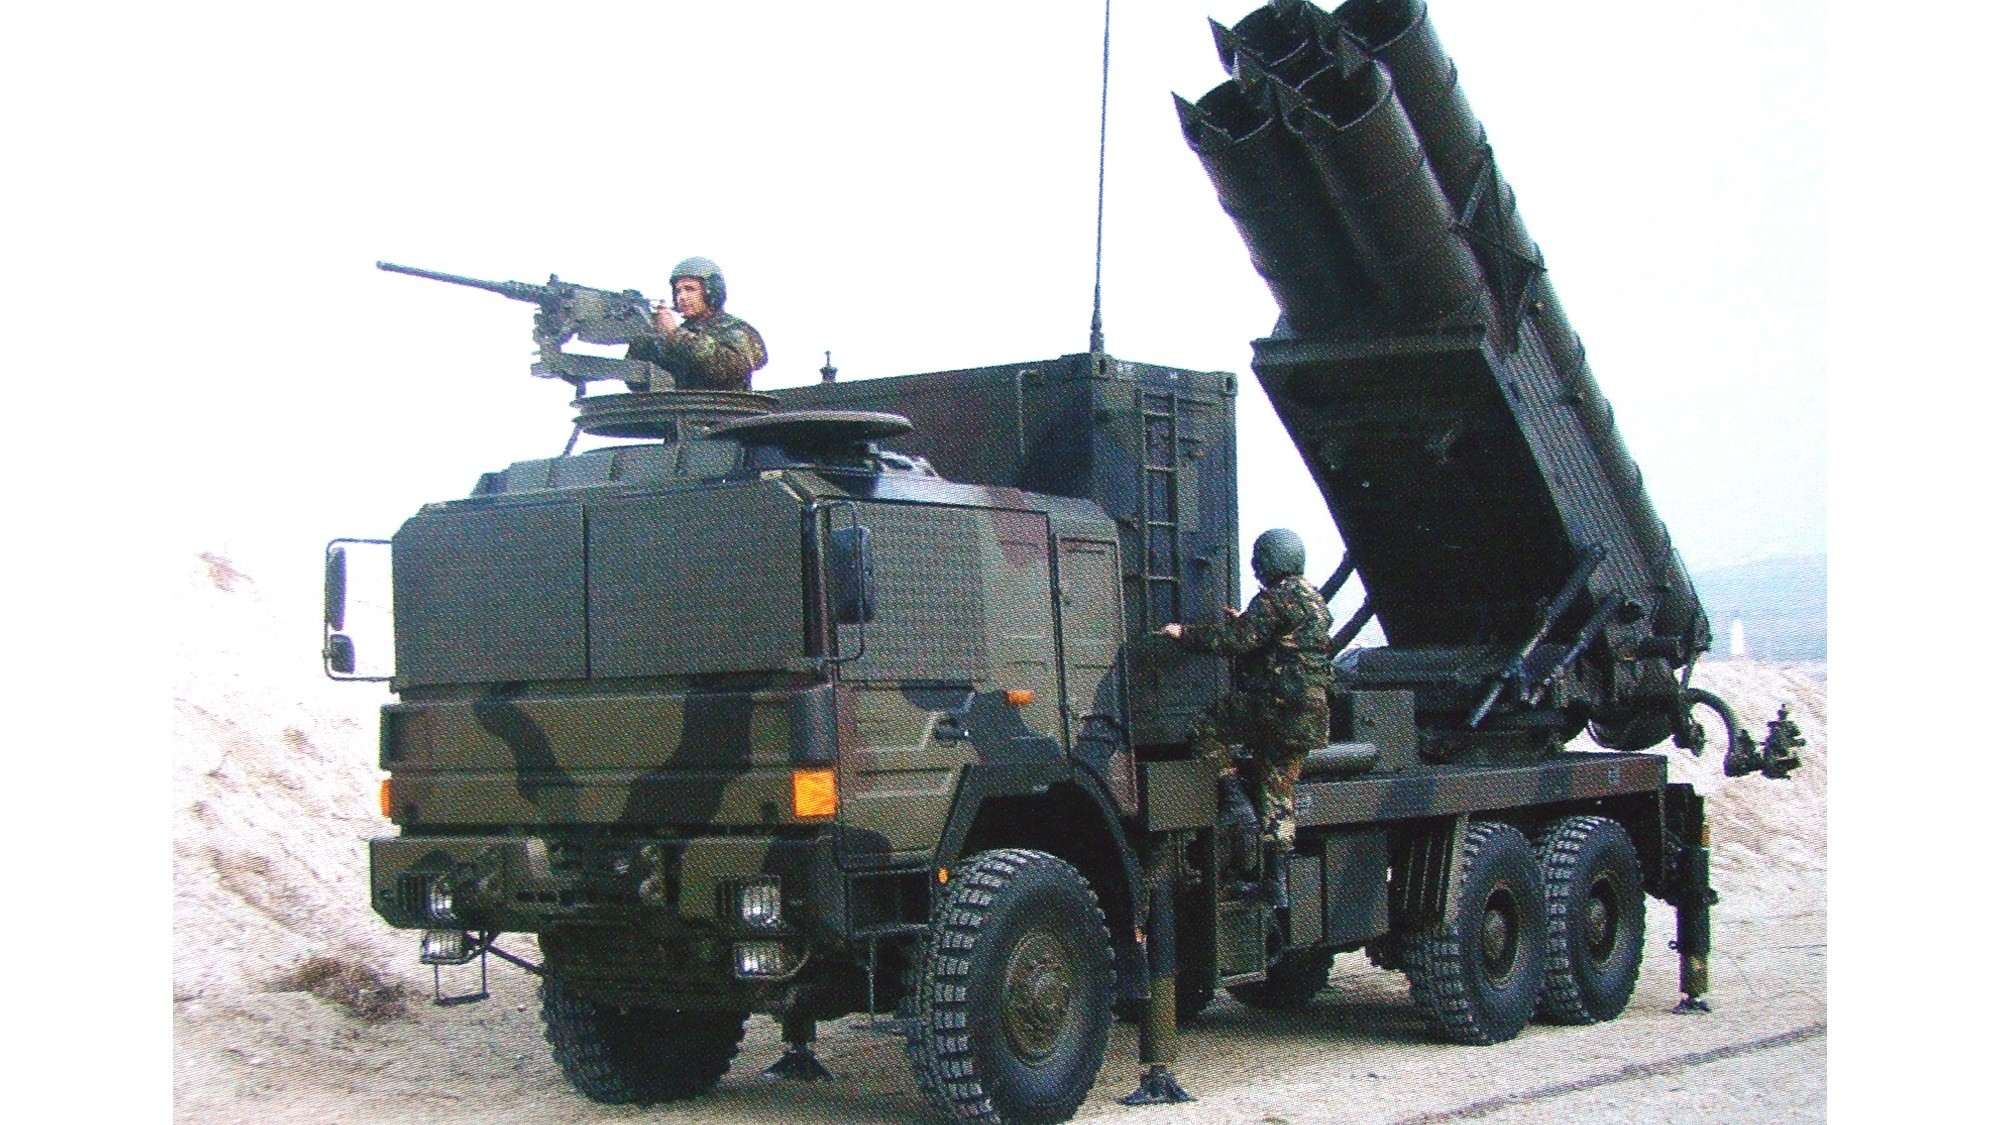 Грузовик МАН с четырехзарядной системой Т-300 калибра 300 мм